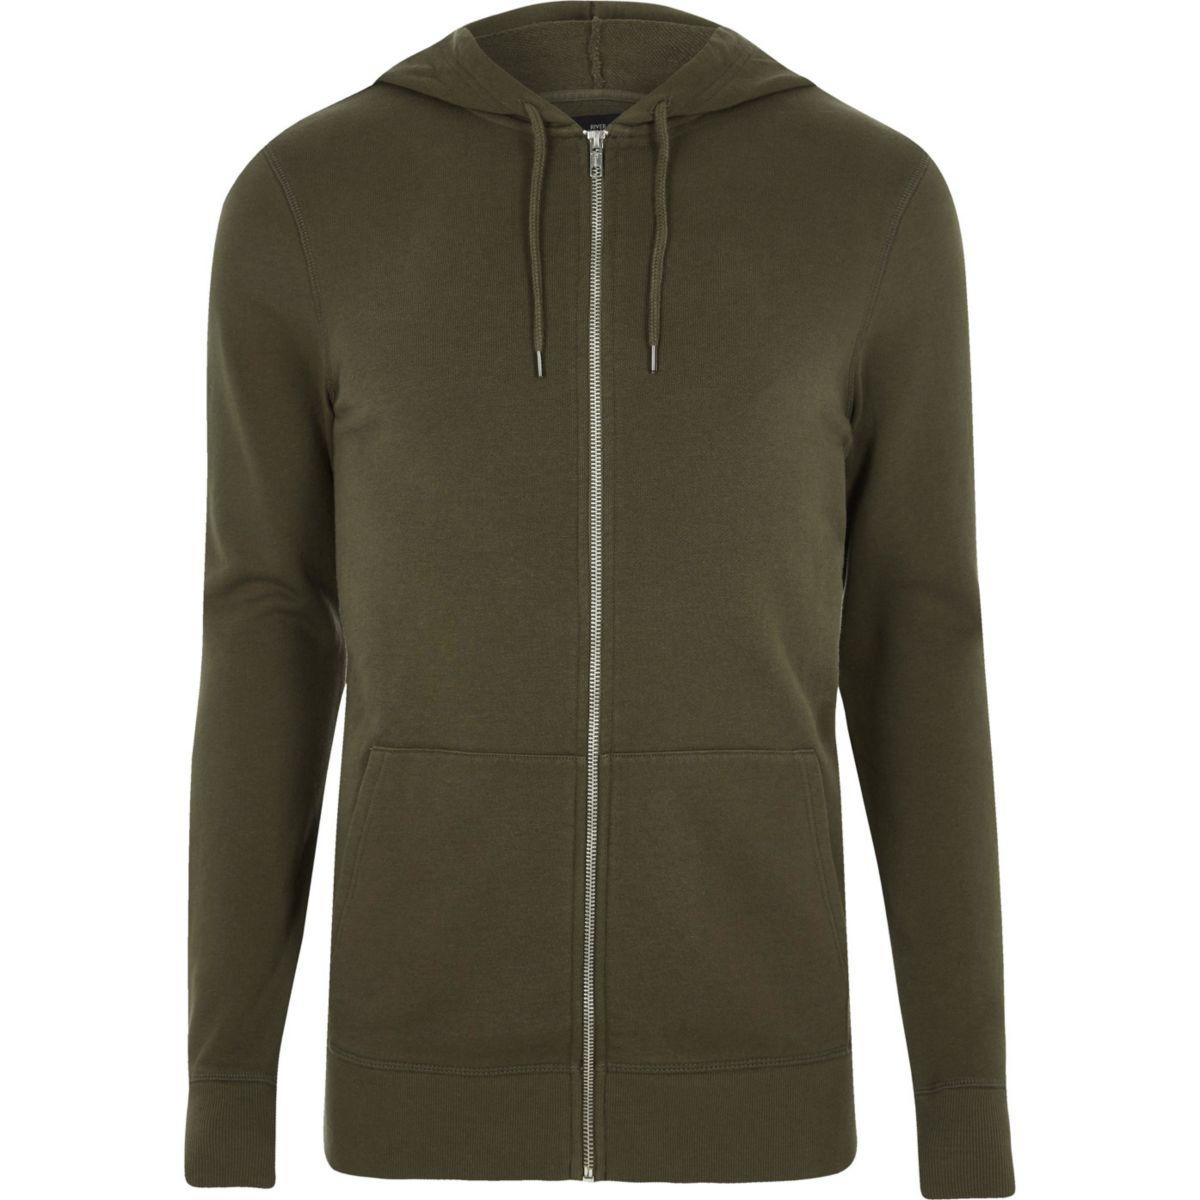 Khaki green muscle fit zip up hoodie